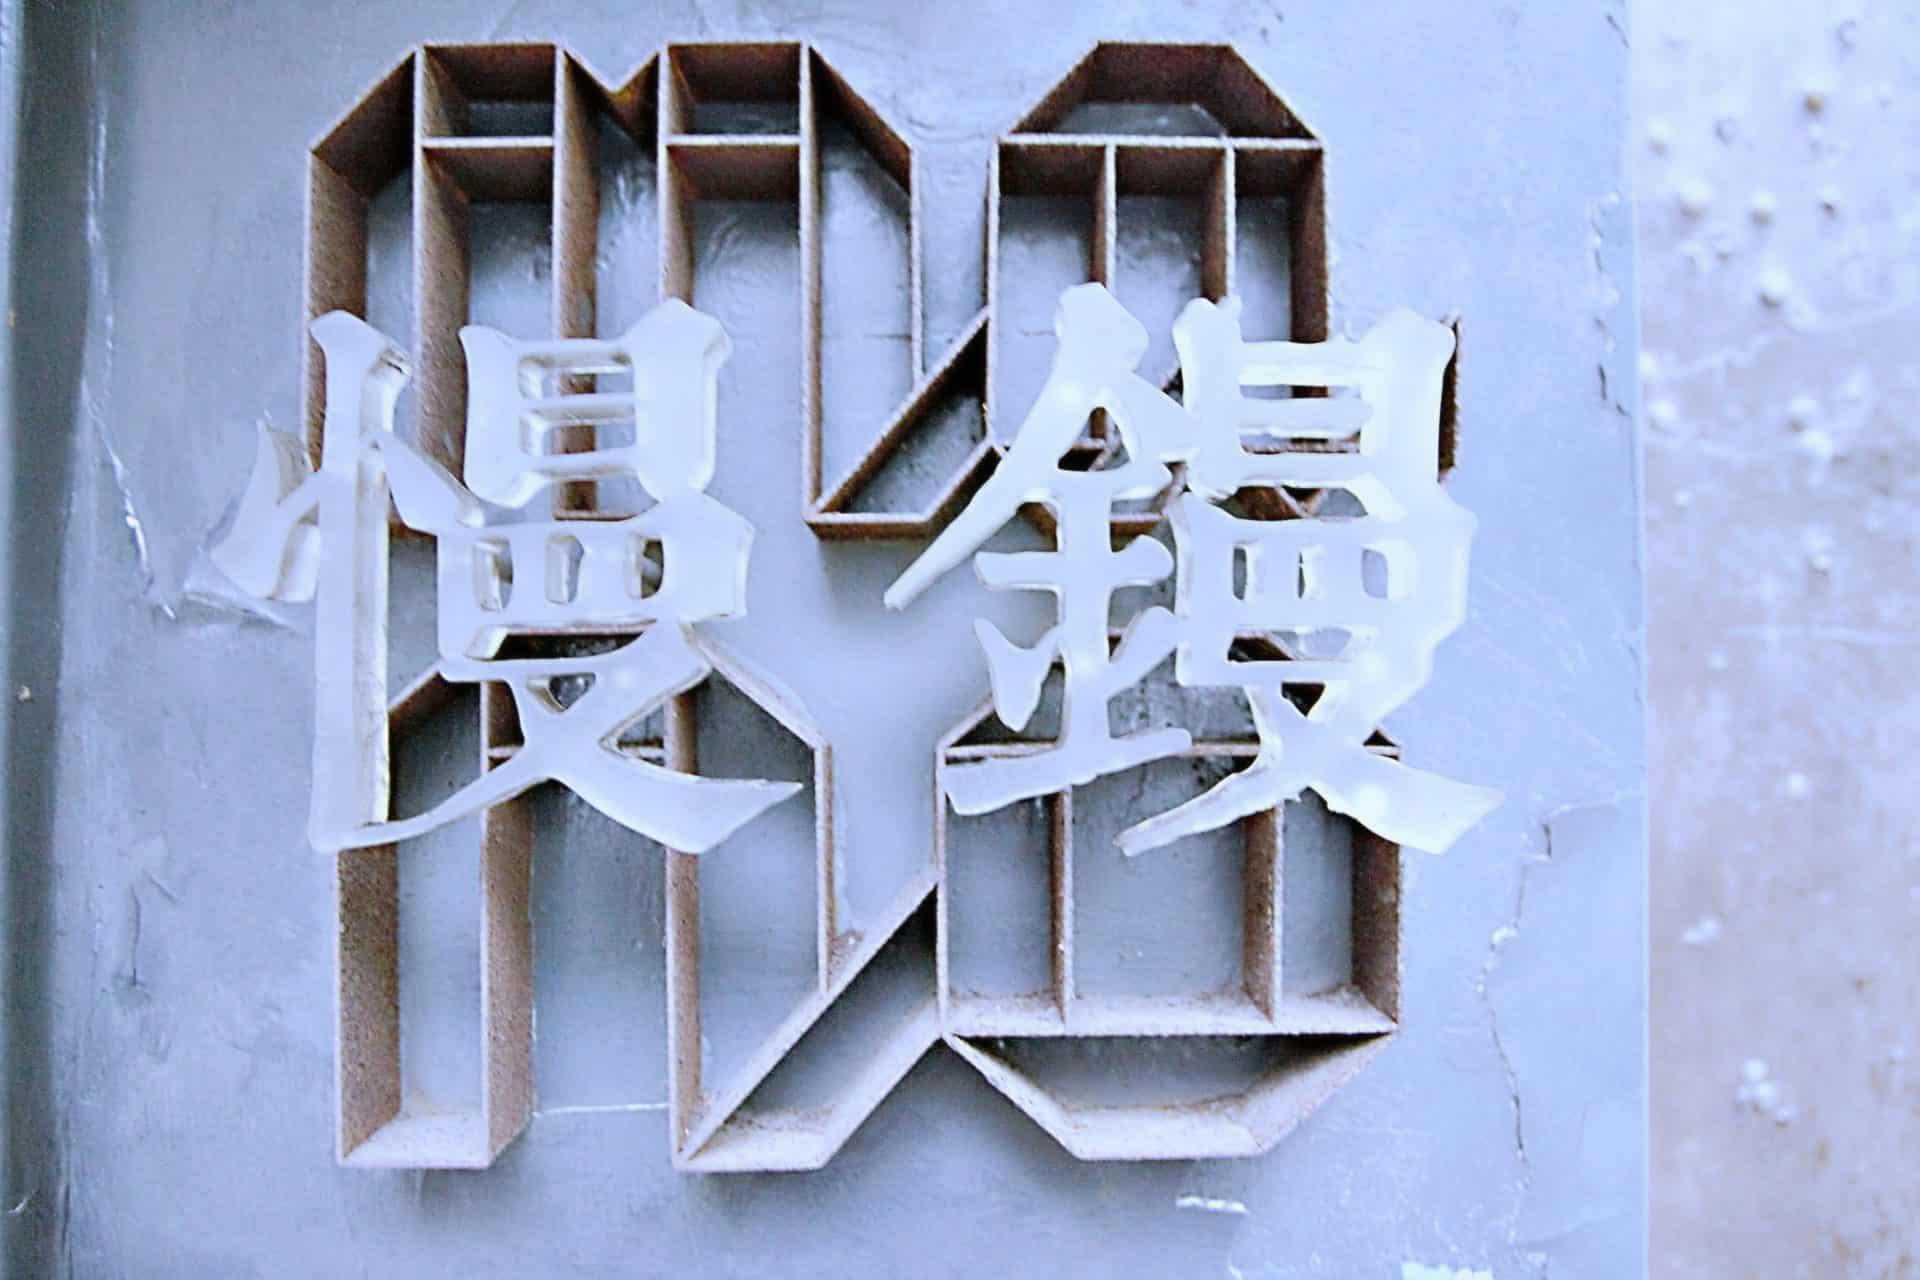 位於台北紹興南街的MANO慢鏝,是台灣少數以當代首飾為主題的策展及選品空間。